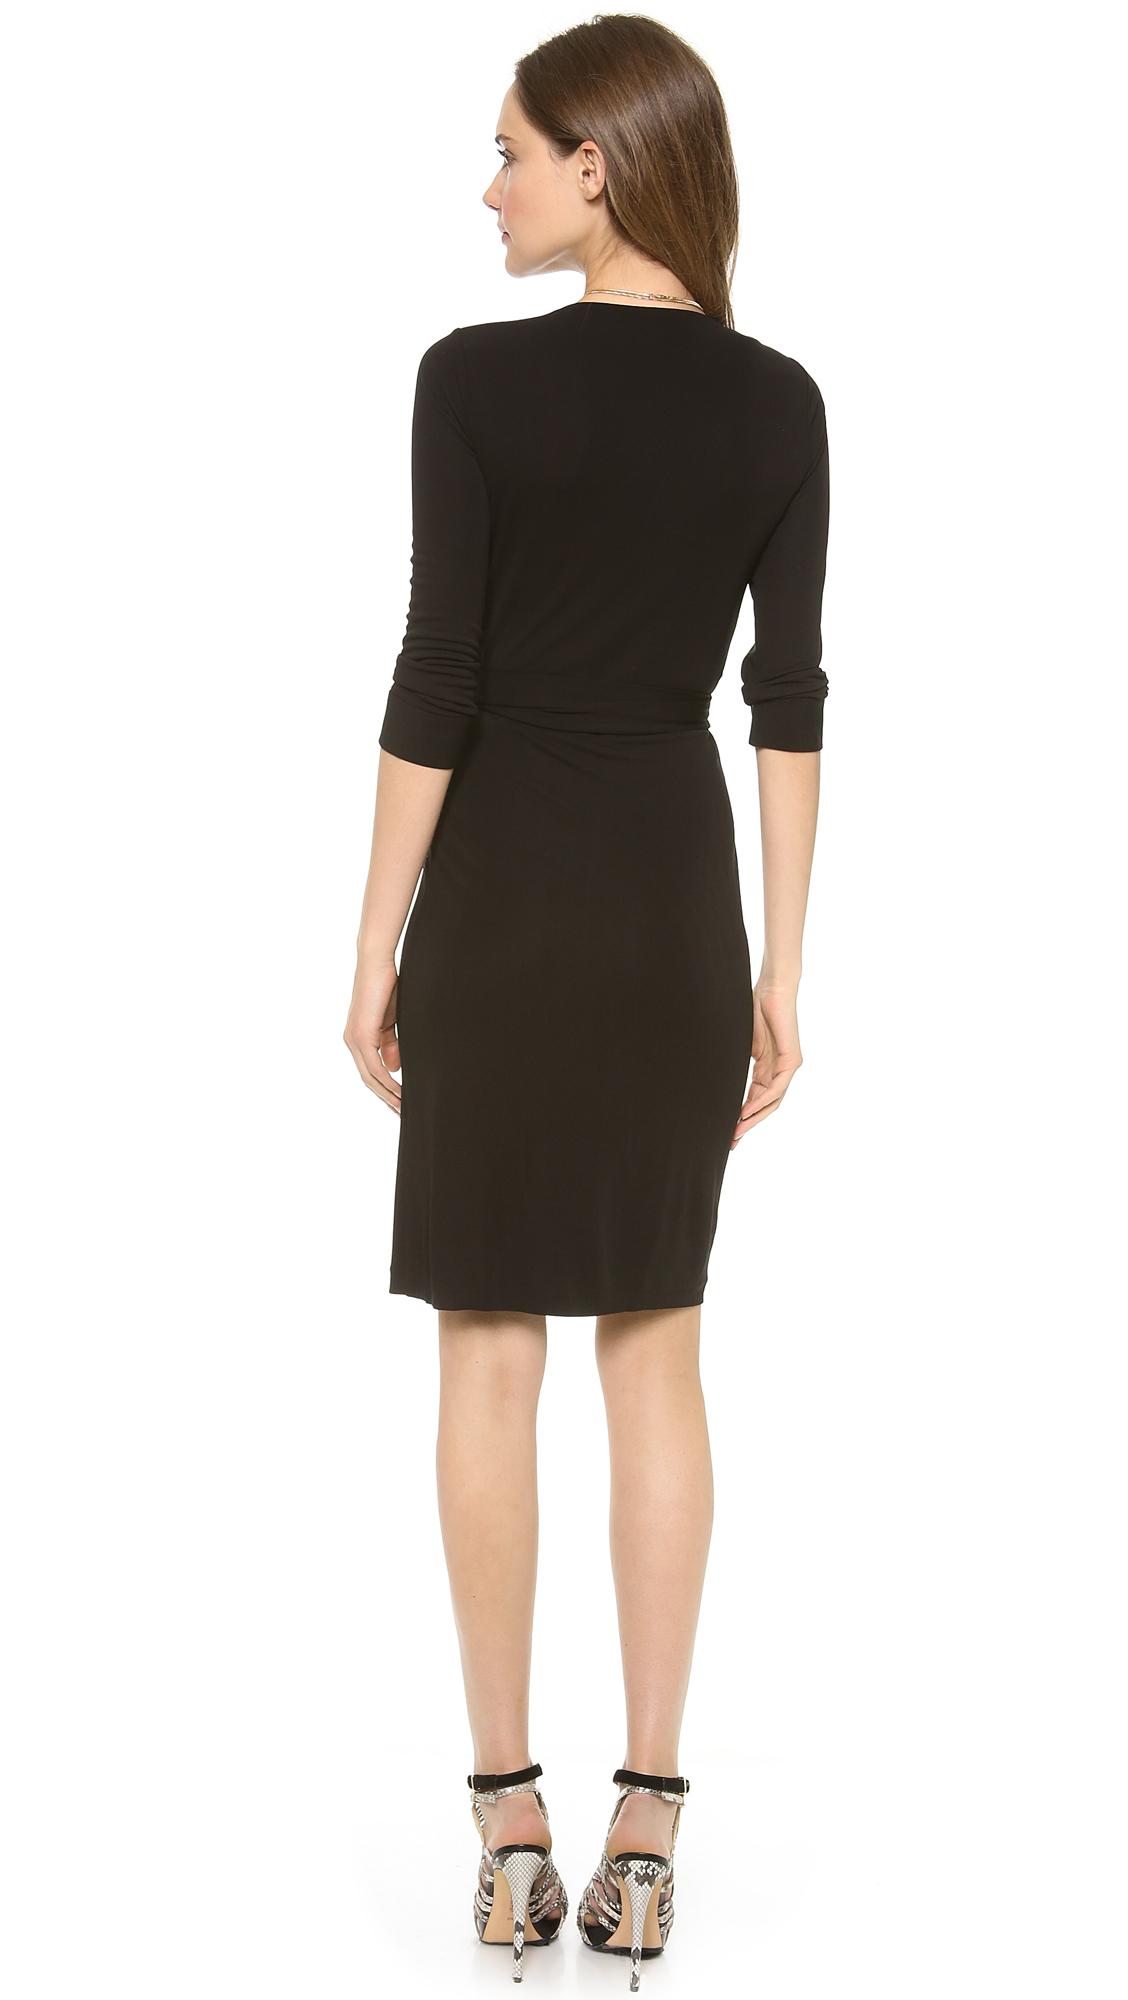 Diane Von Furstenberg New Julian Two Wrap Dress In Black